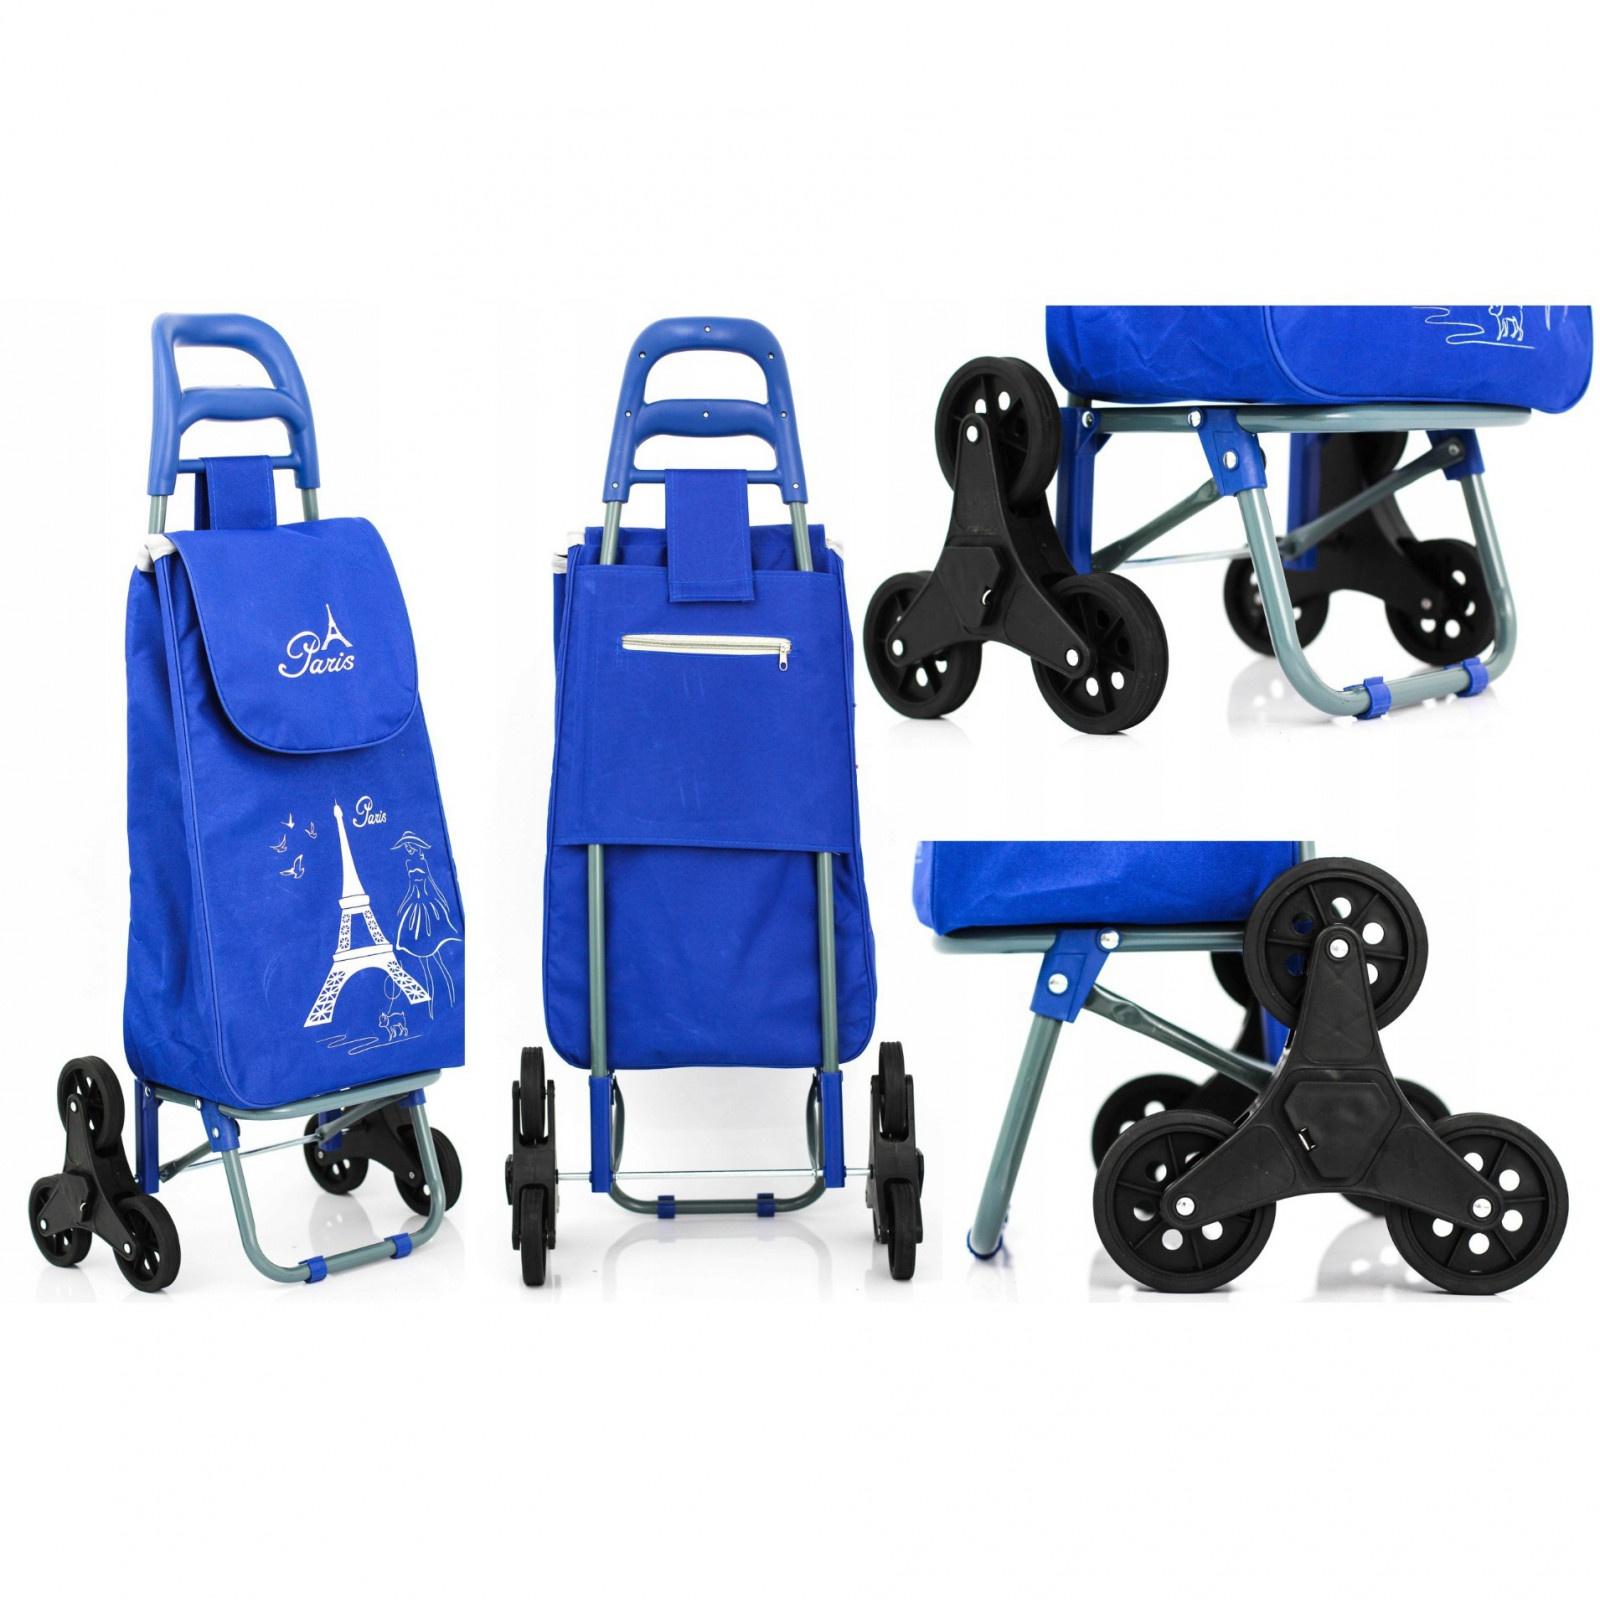 Nákupná taška na kolieskach vozík skladaný pevný megamix.sk